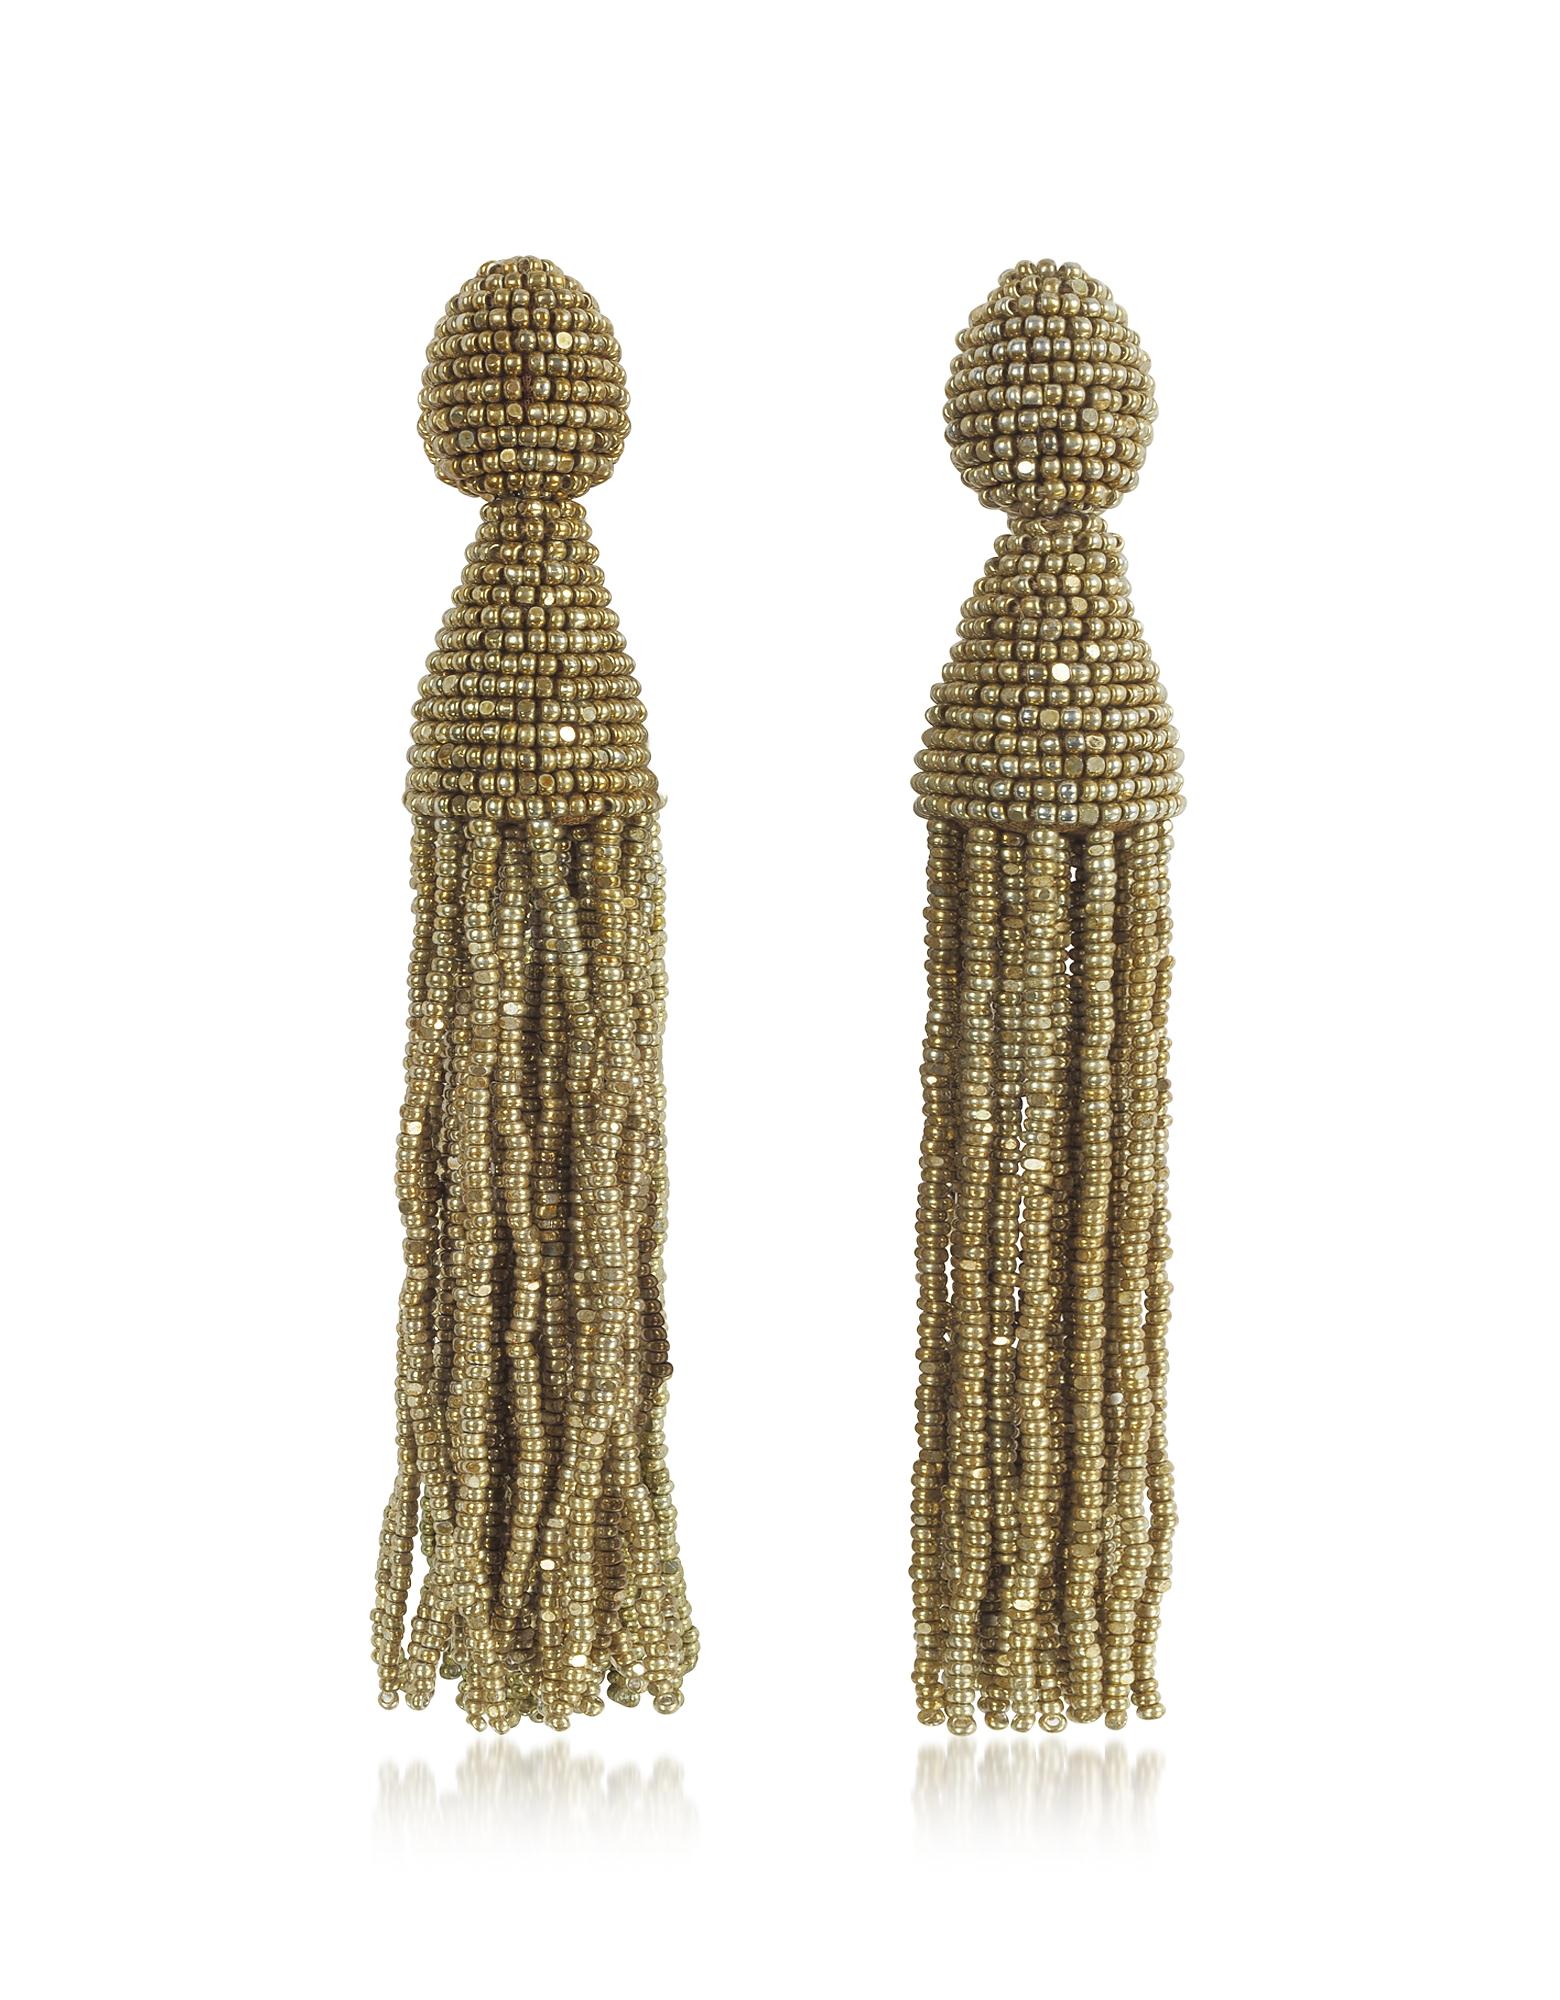 Oscar de la Renta Earrings, Classic Long Tassel Clip-On Earrings